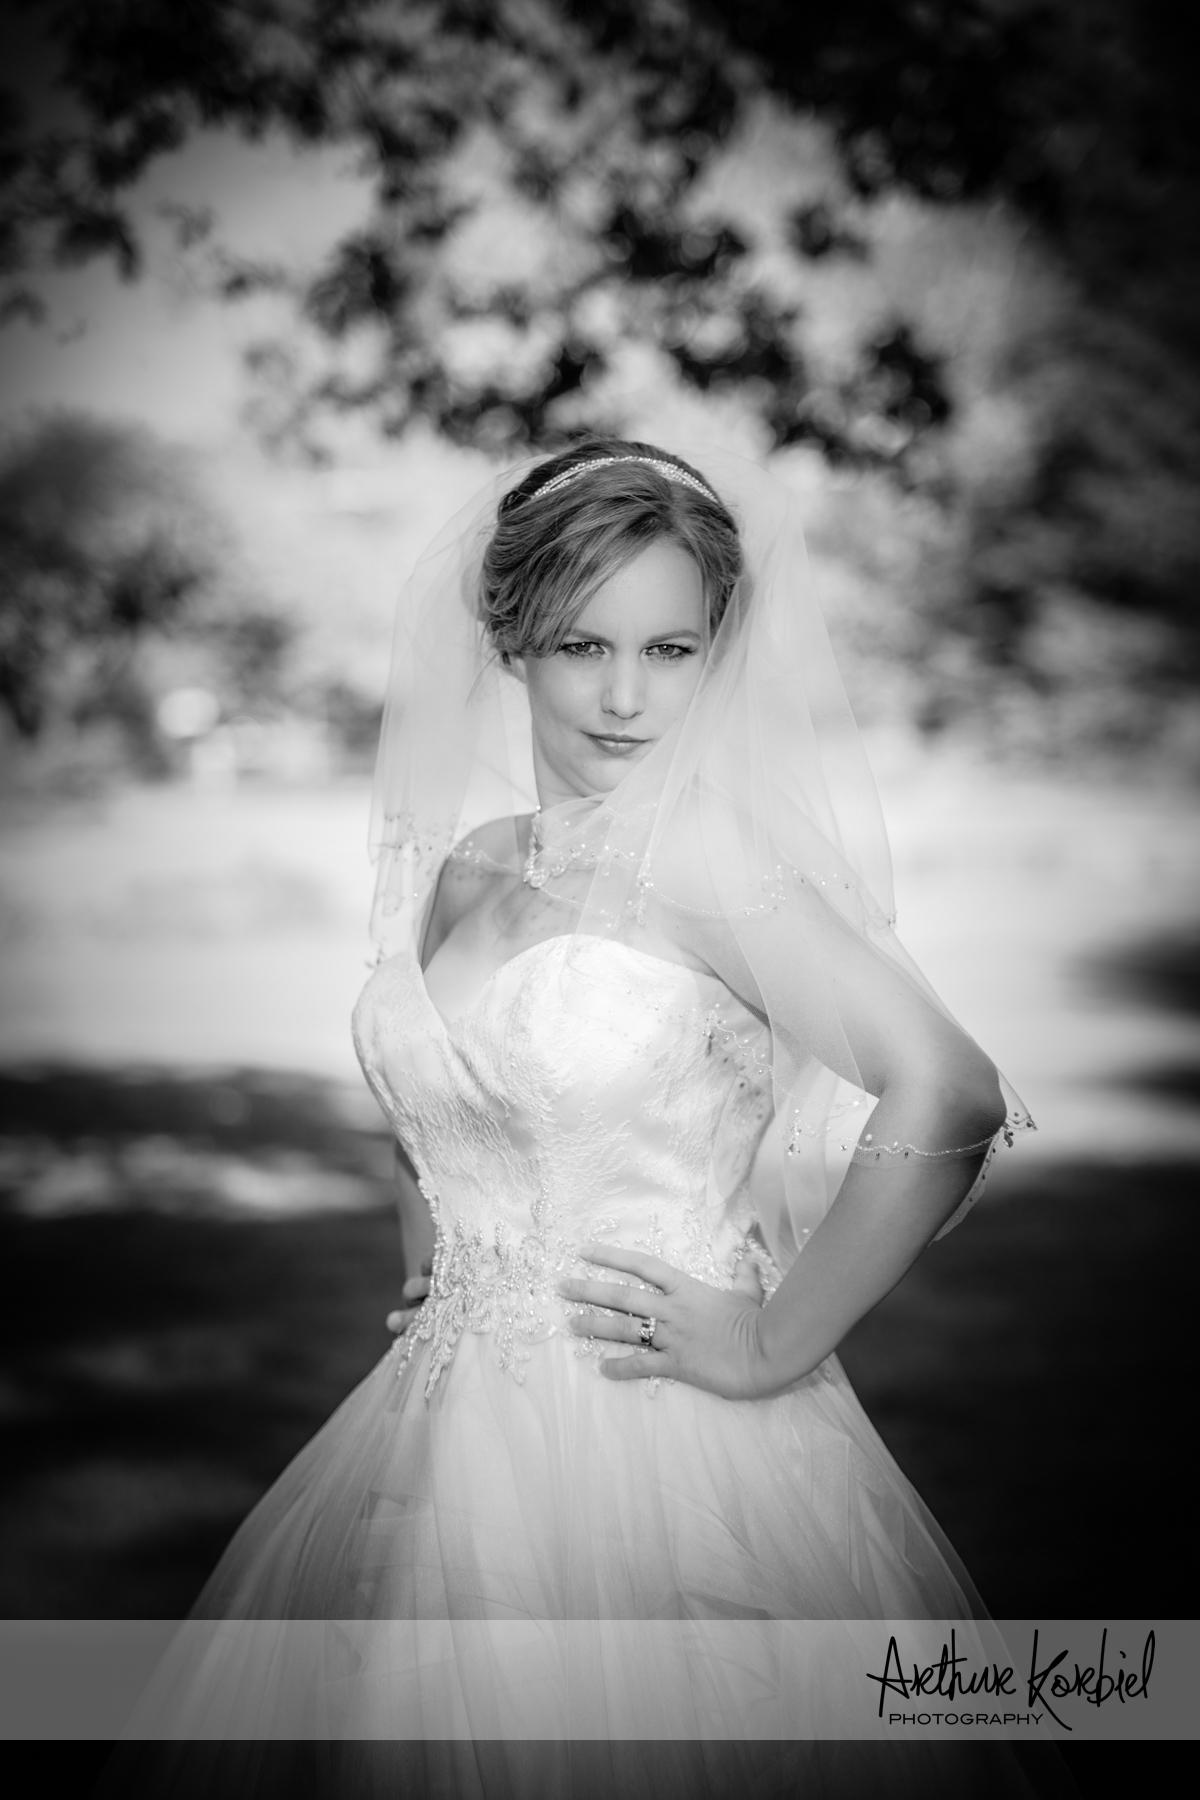 Arthur Korbiel Photography - London Wedding Photographer-008.jpg